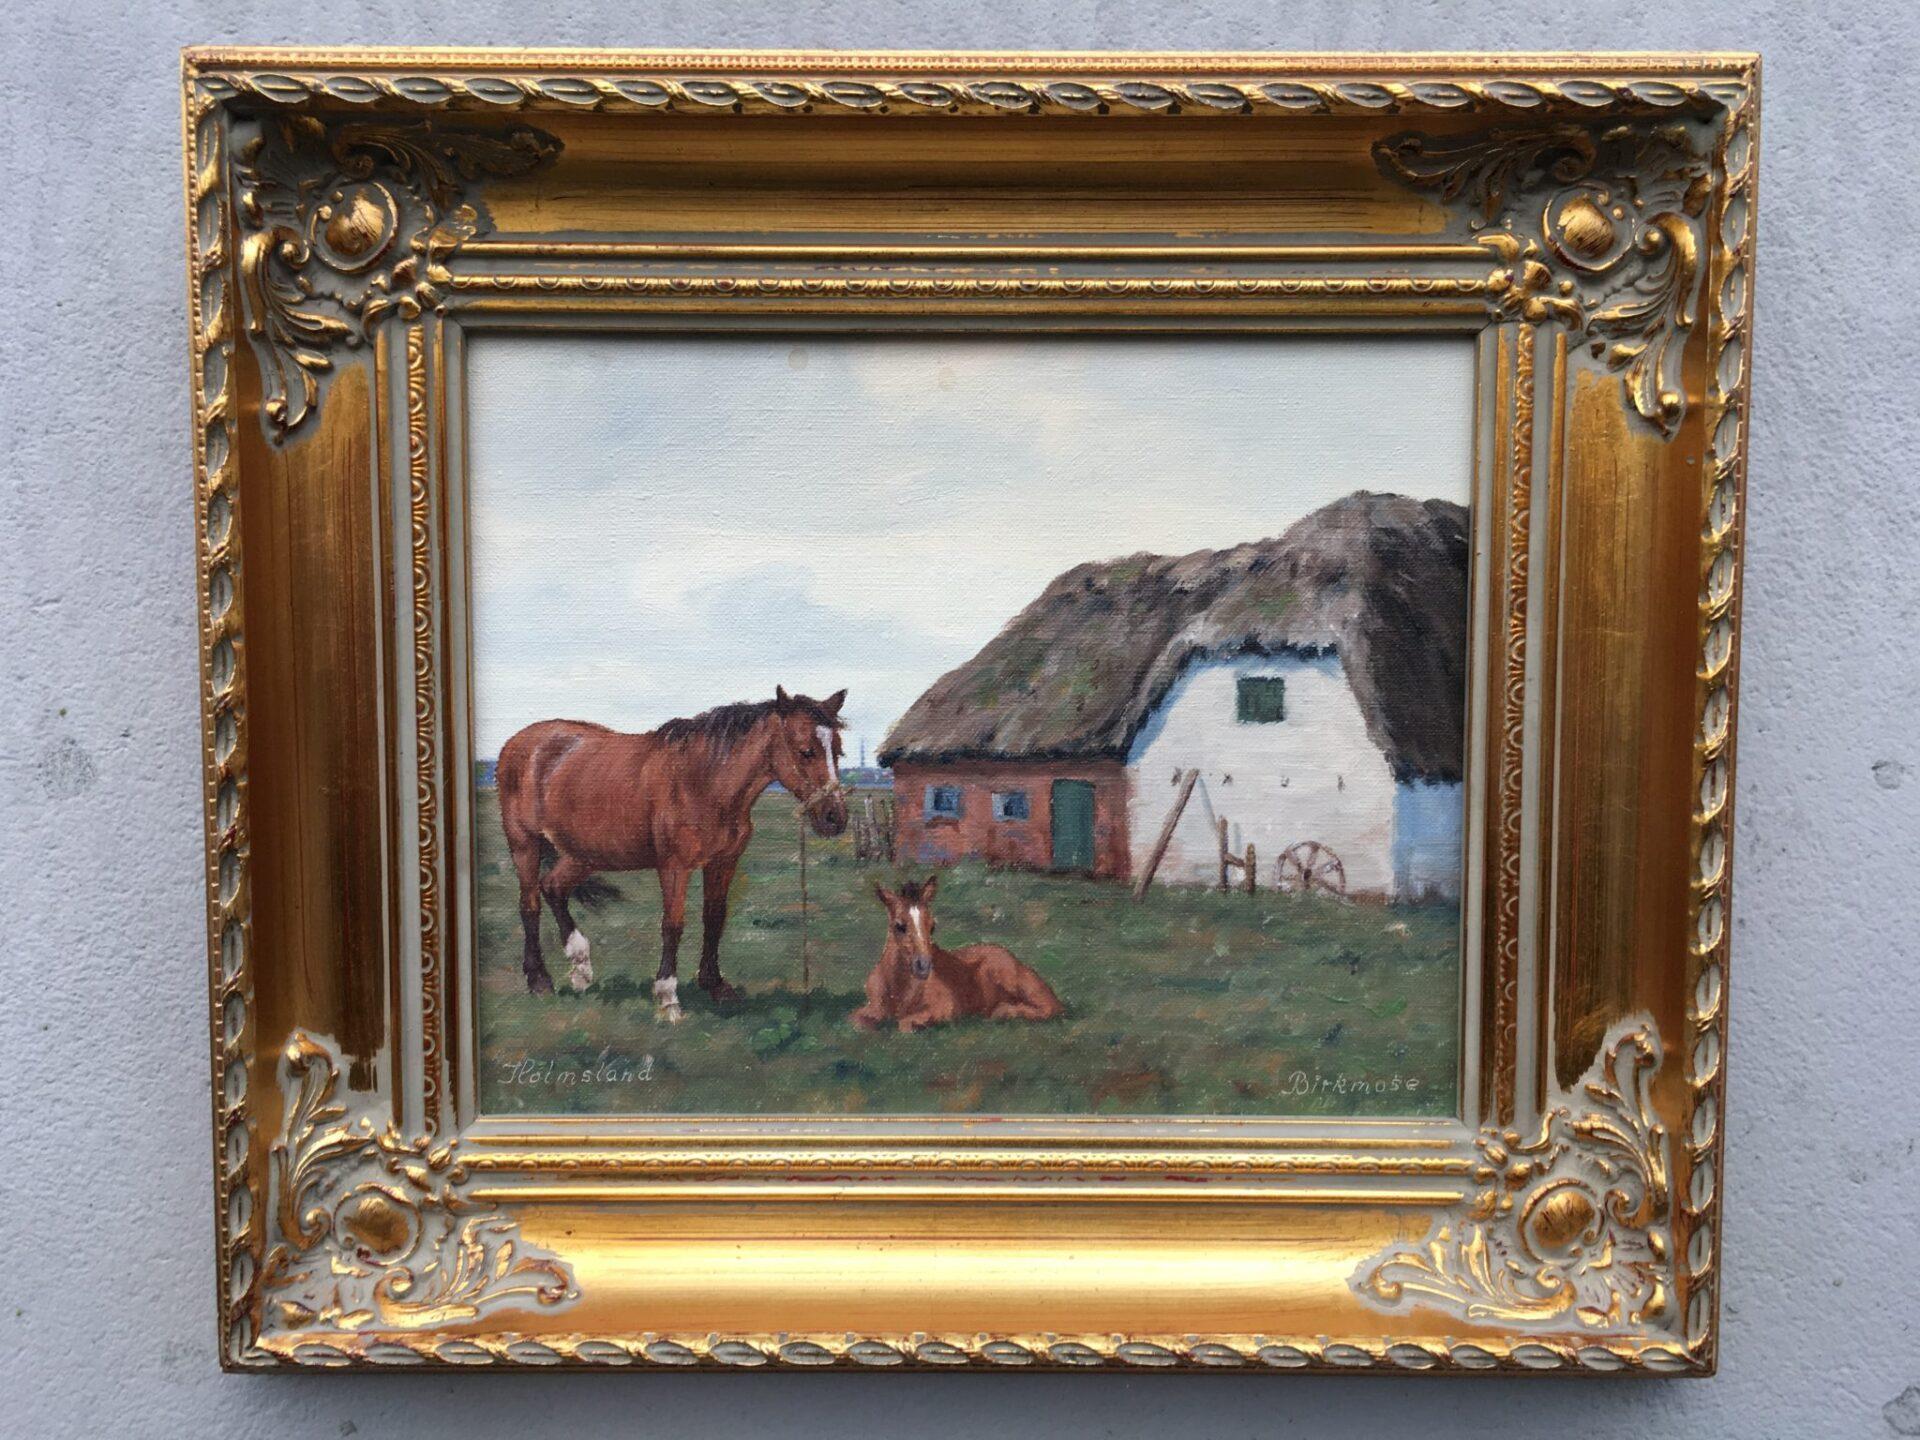 Maleri fra Holmsland, sign. Birkmose, pris 800 kr